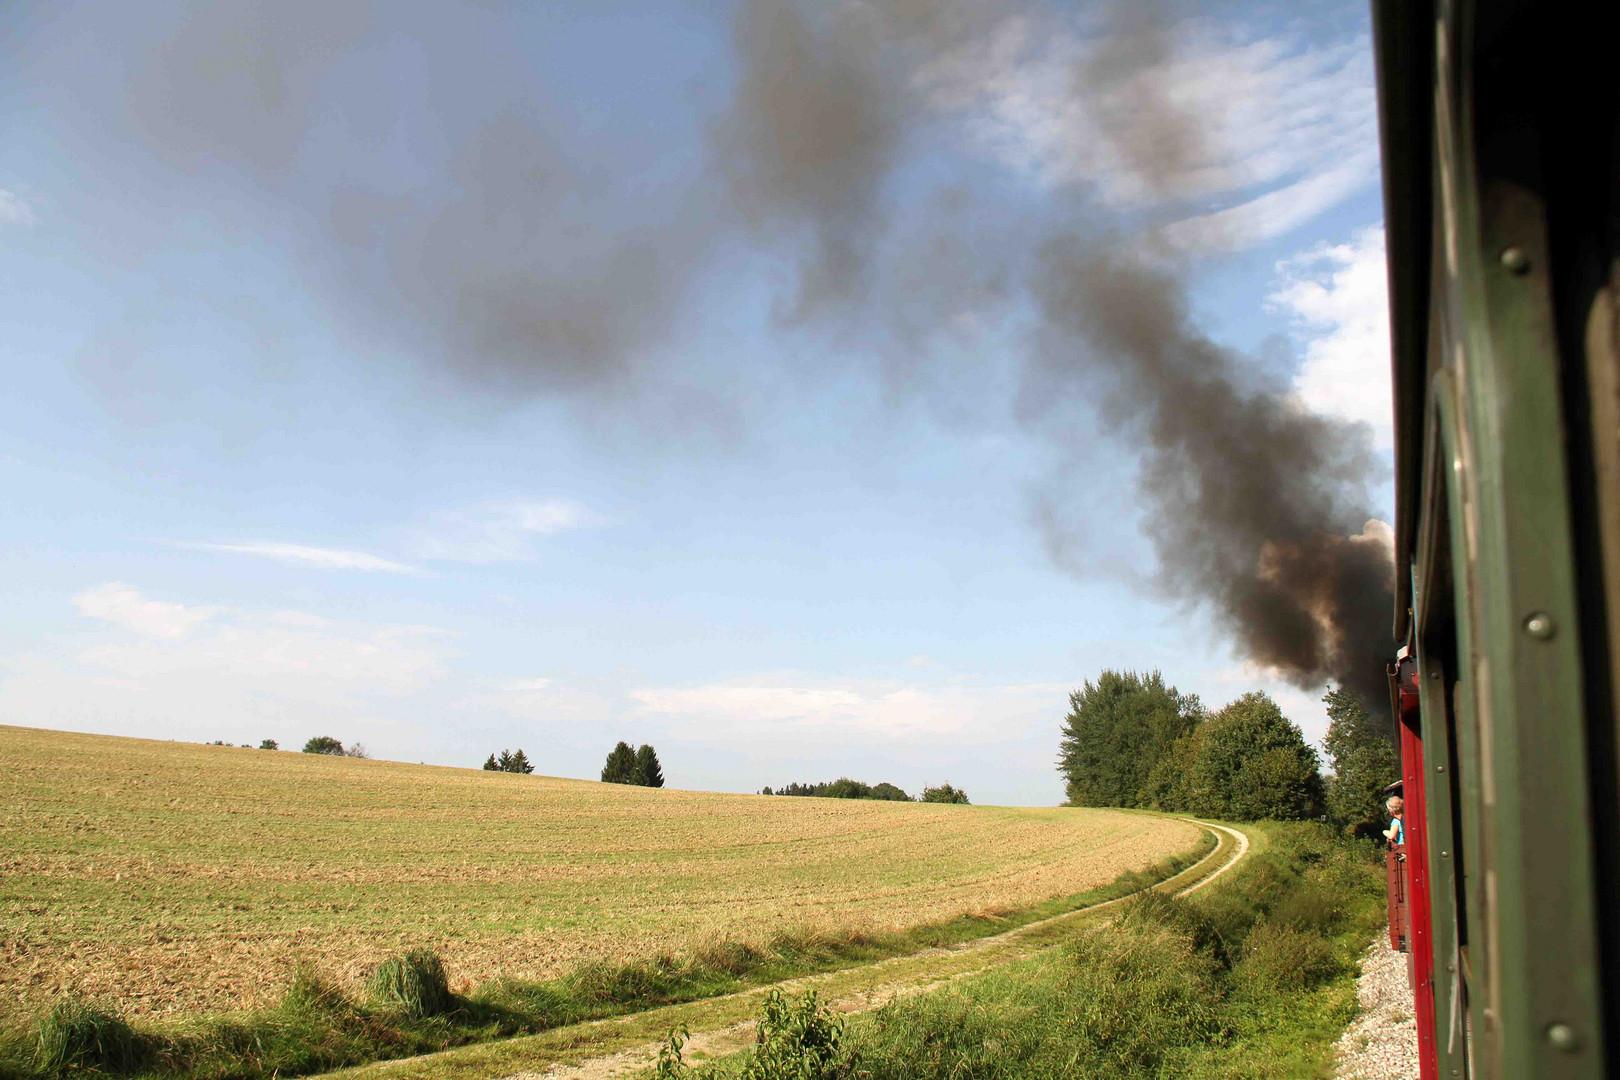 Dampf aus der Öchsle-Bahn